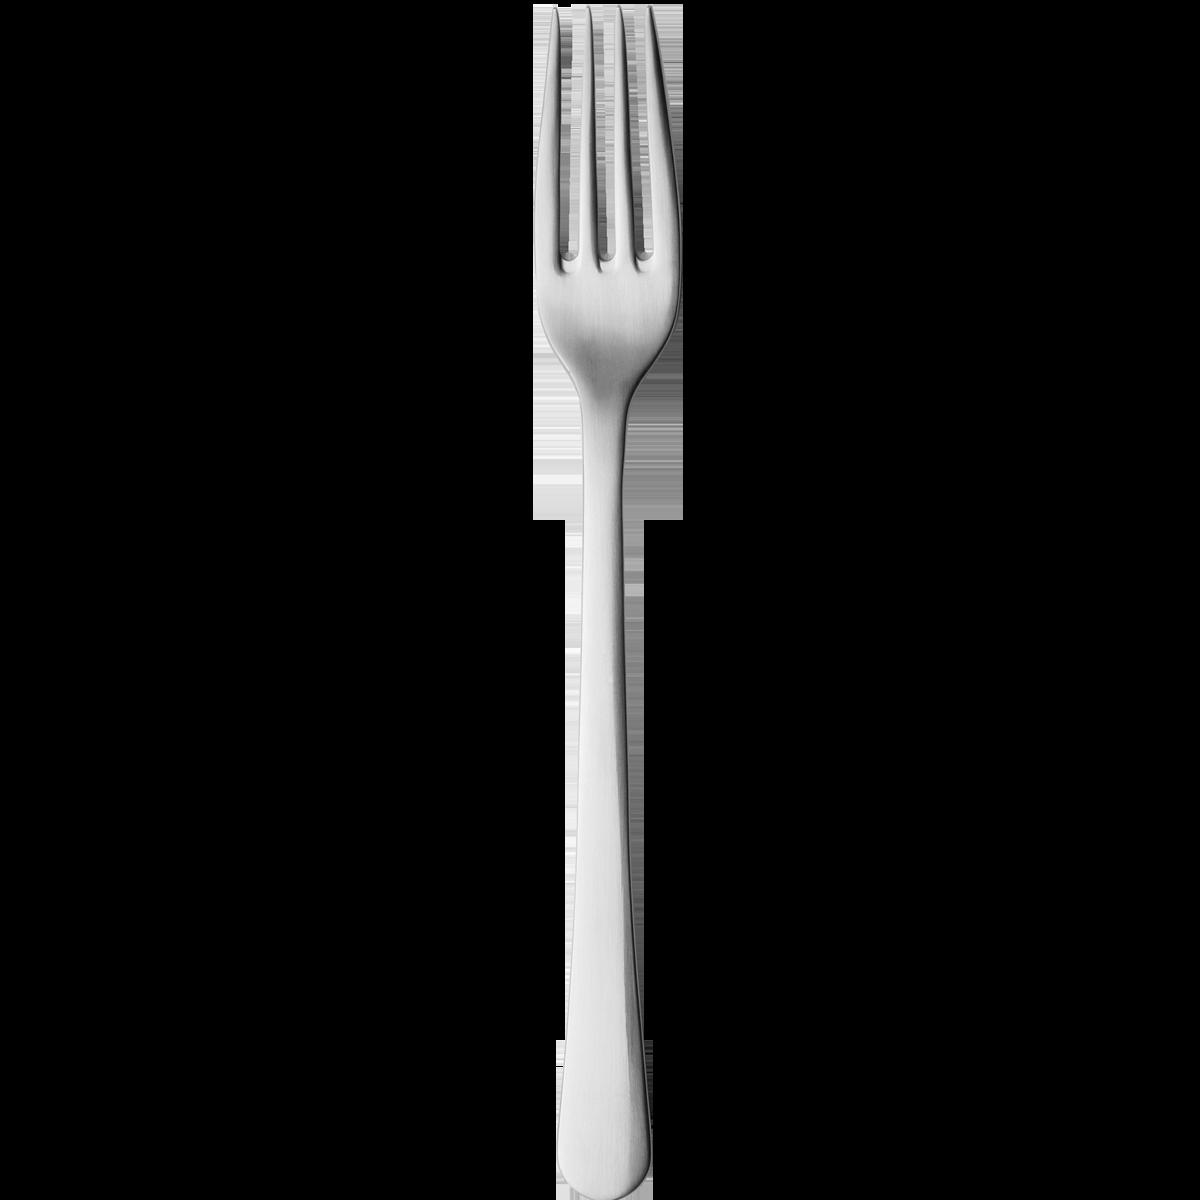 Knife clipart transparent background. Fork png image purepng